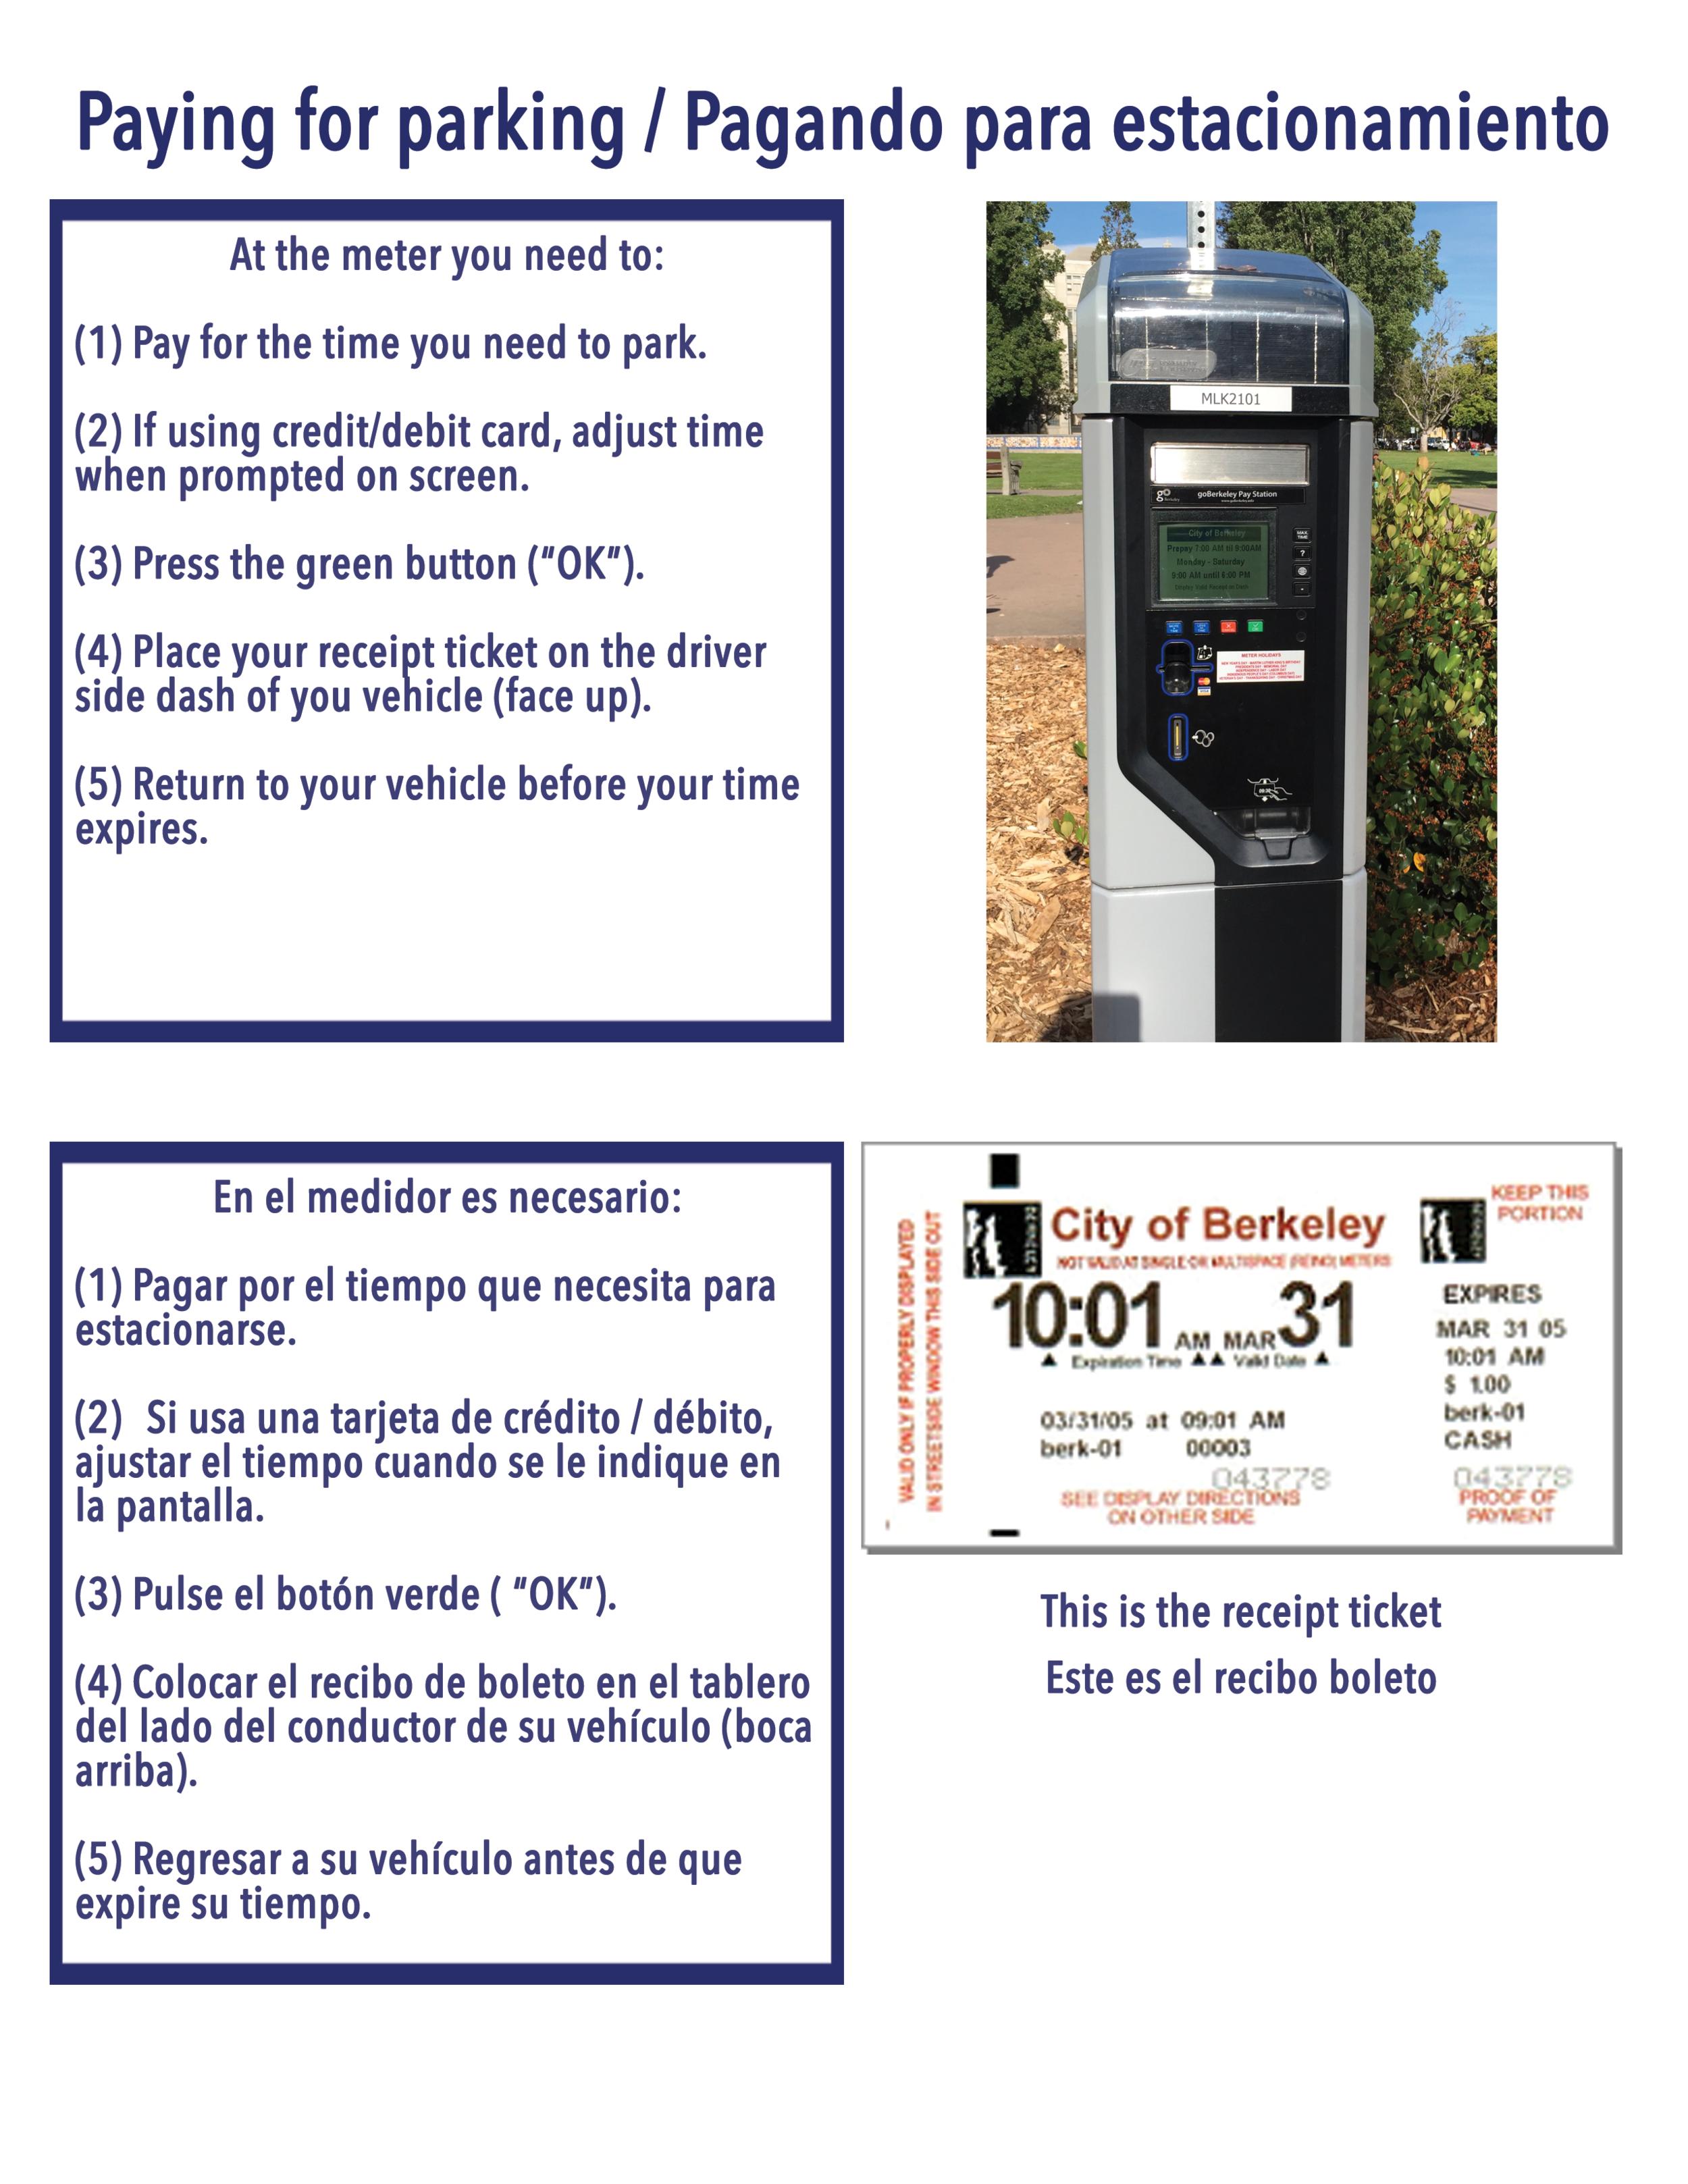 Using parking meters.png